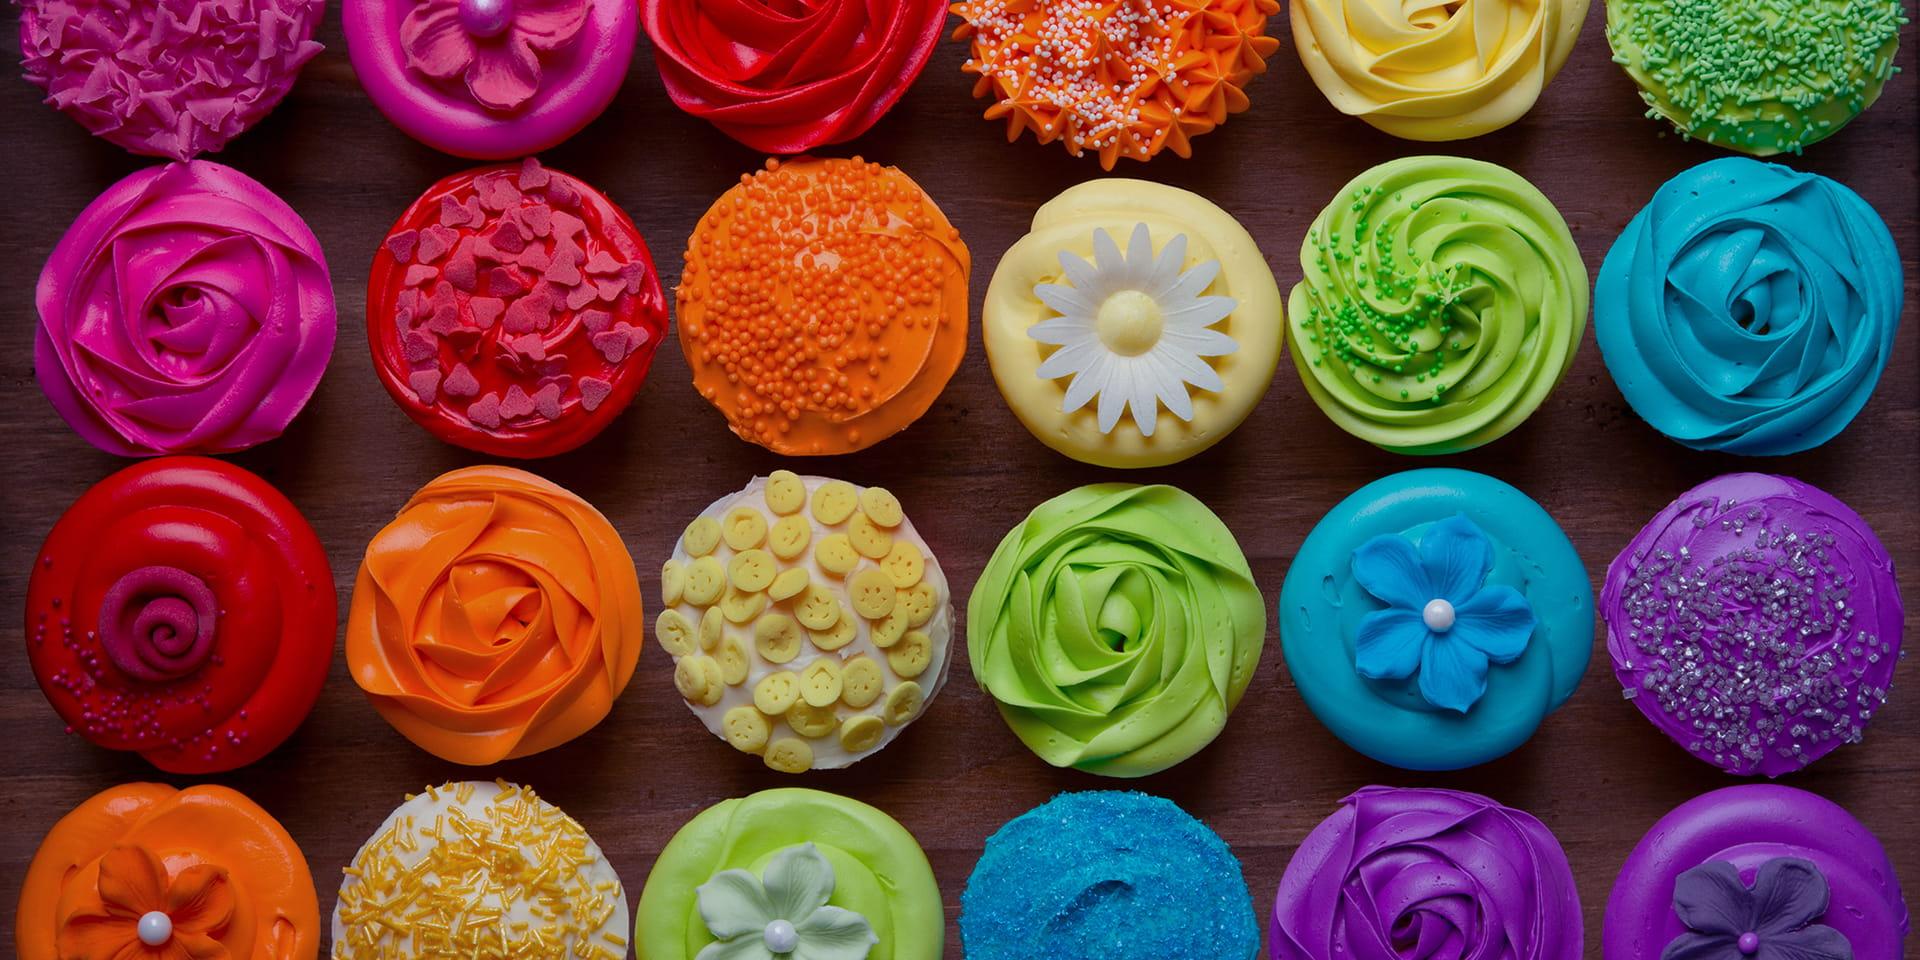 My Cake Decorating iProspect